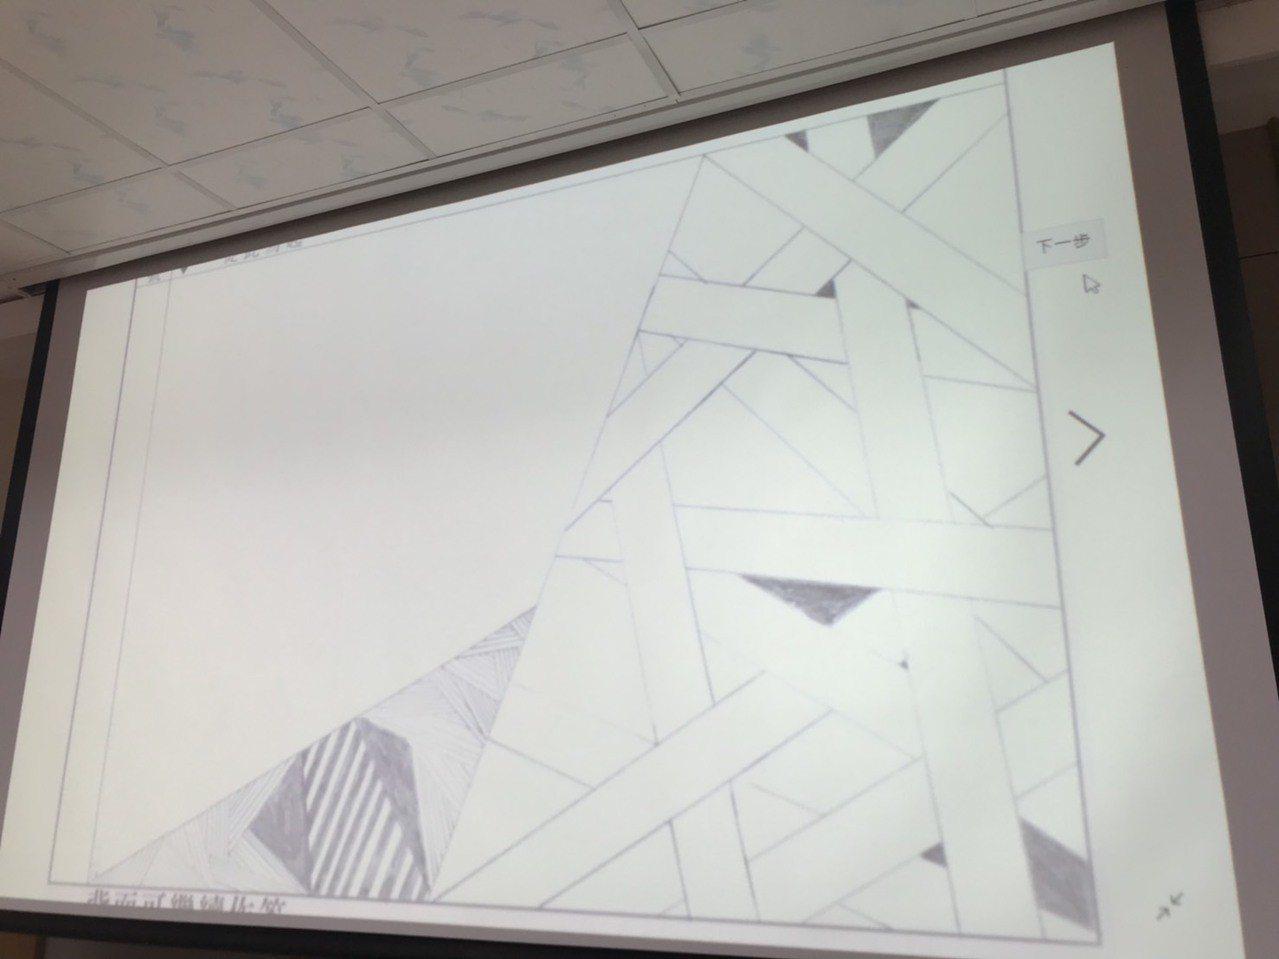 有考生在試卷上塗鴉抽象畫。記者馮靖惠/攝影